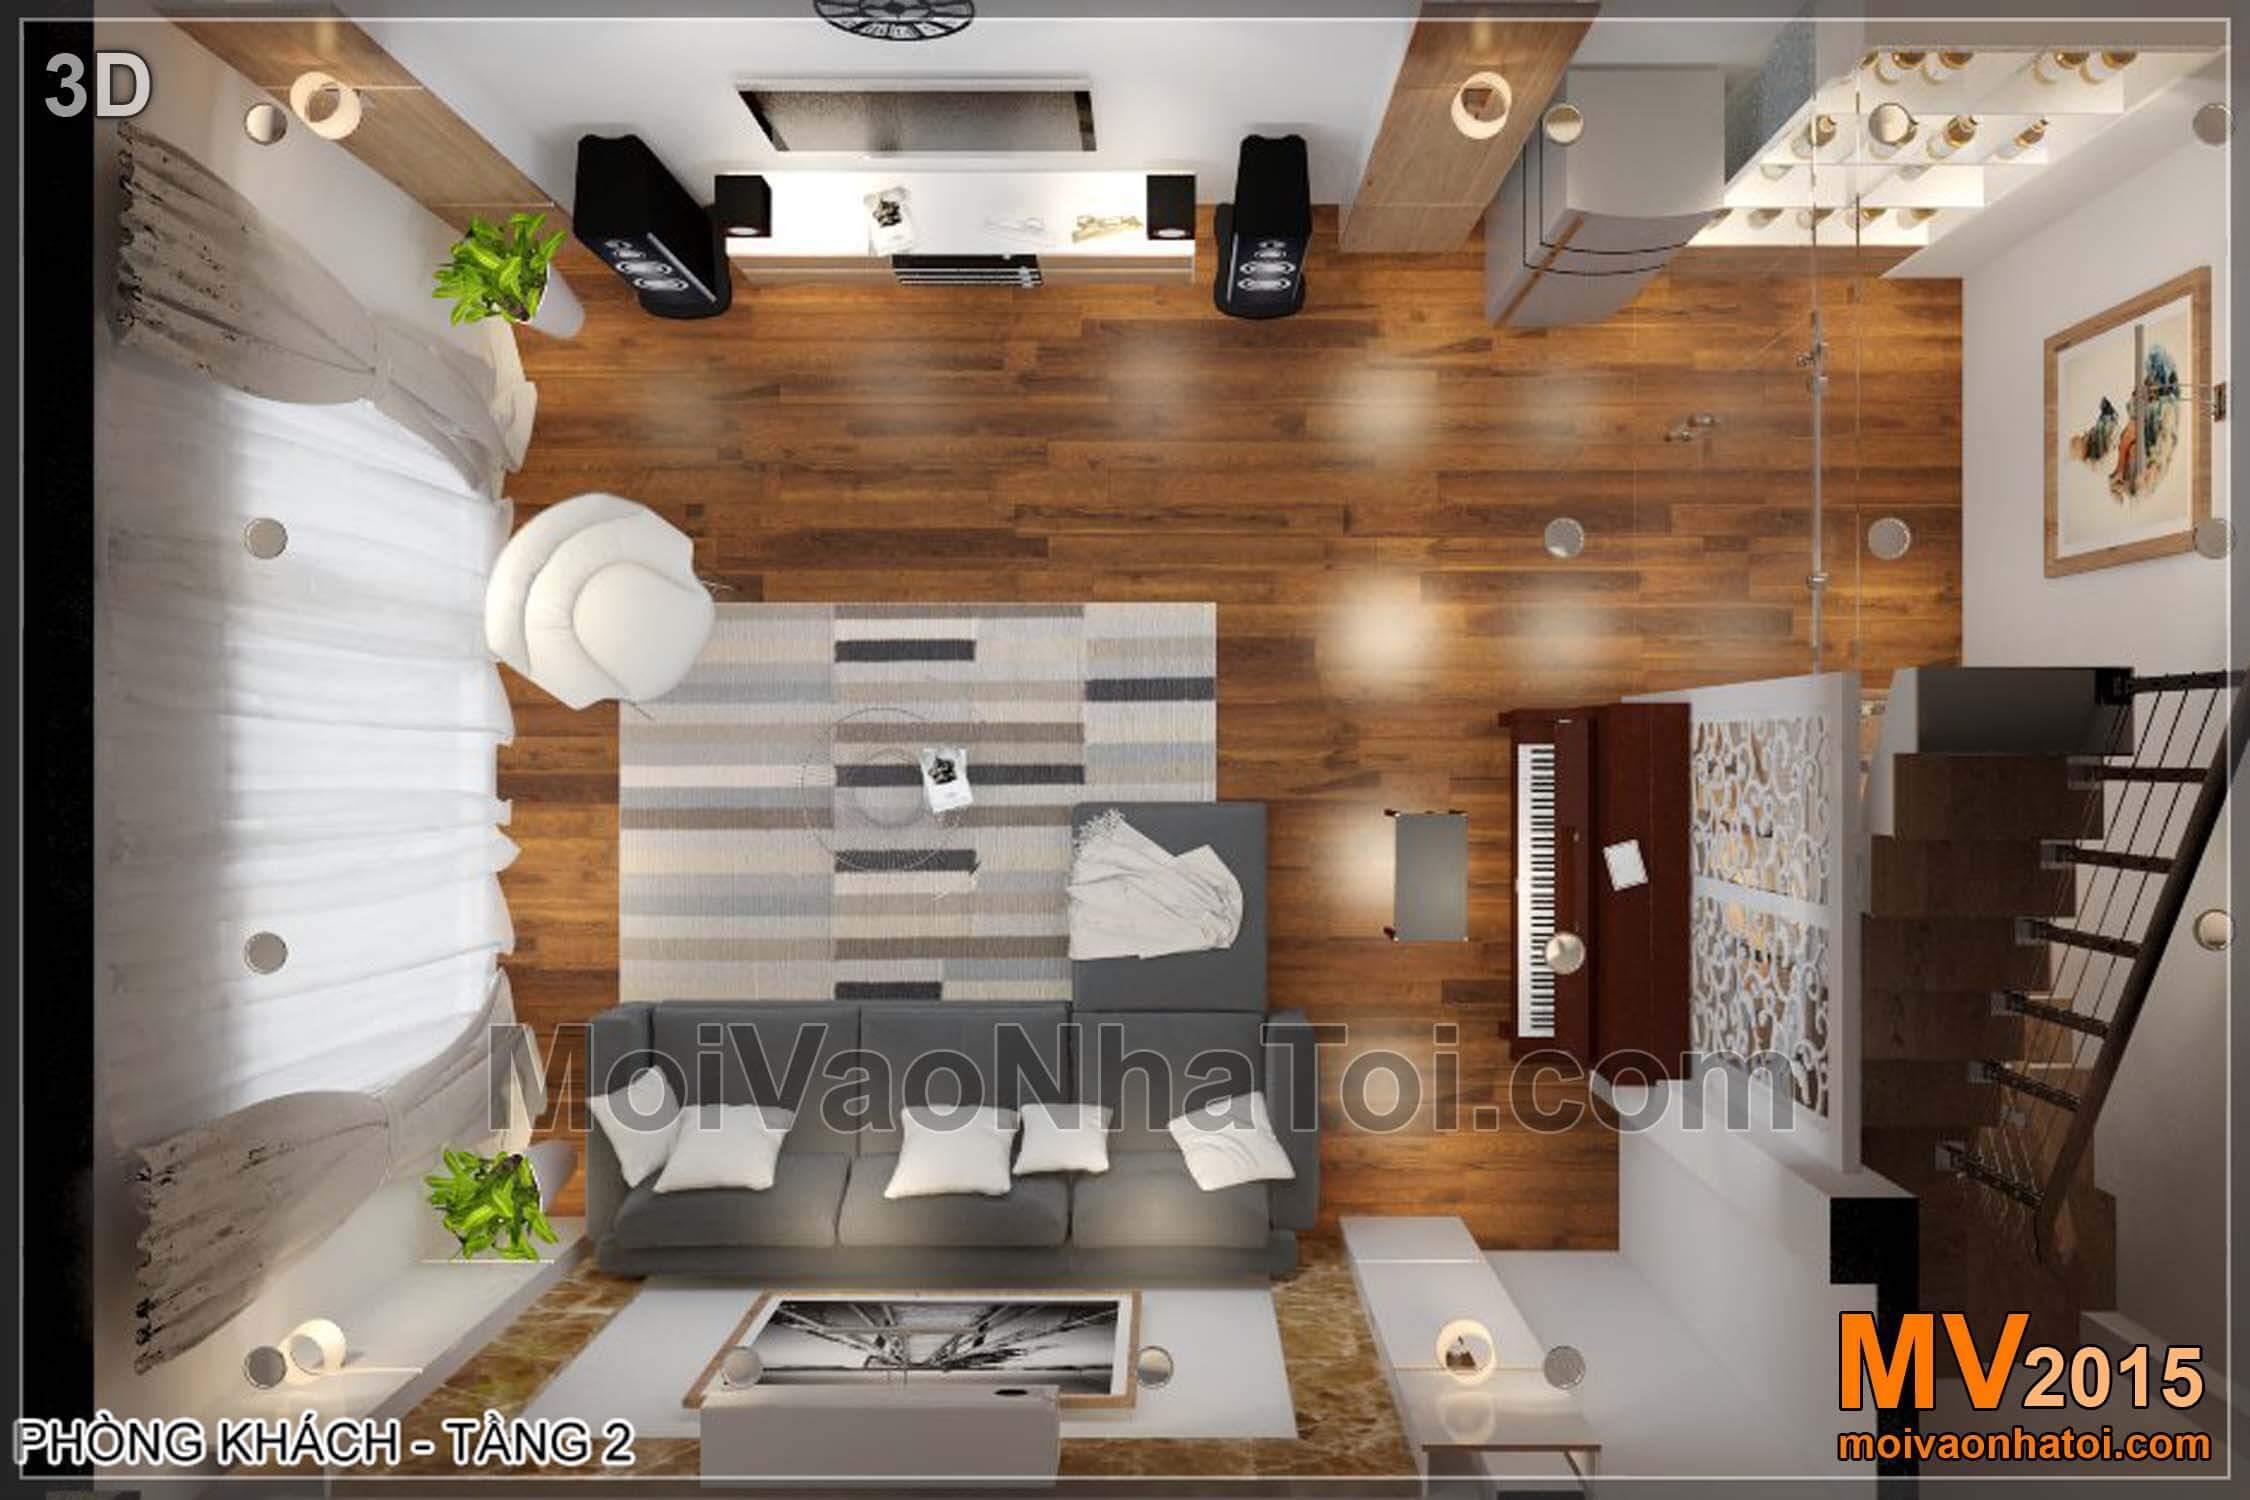 Mặt bằng 3D phòng khách - Tầng 2